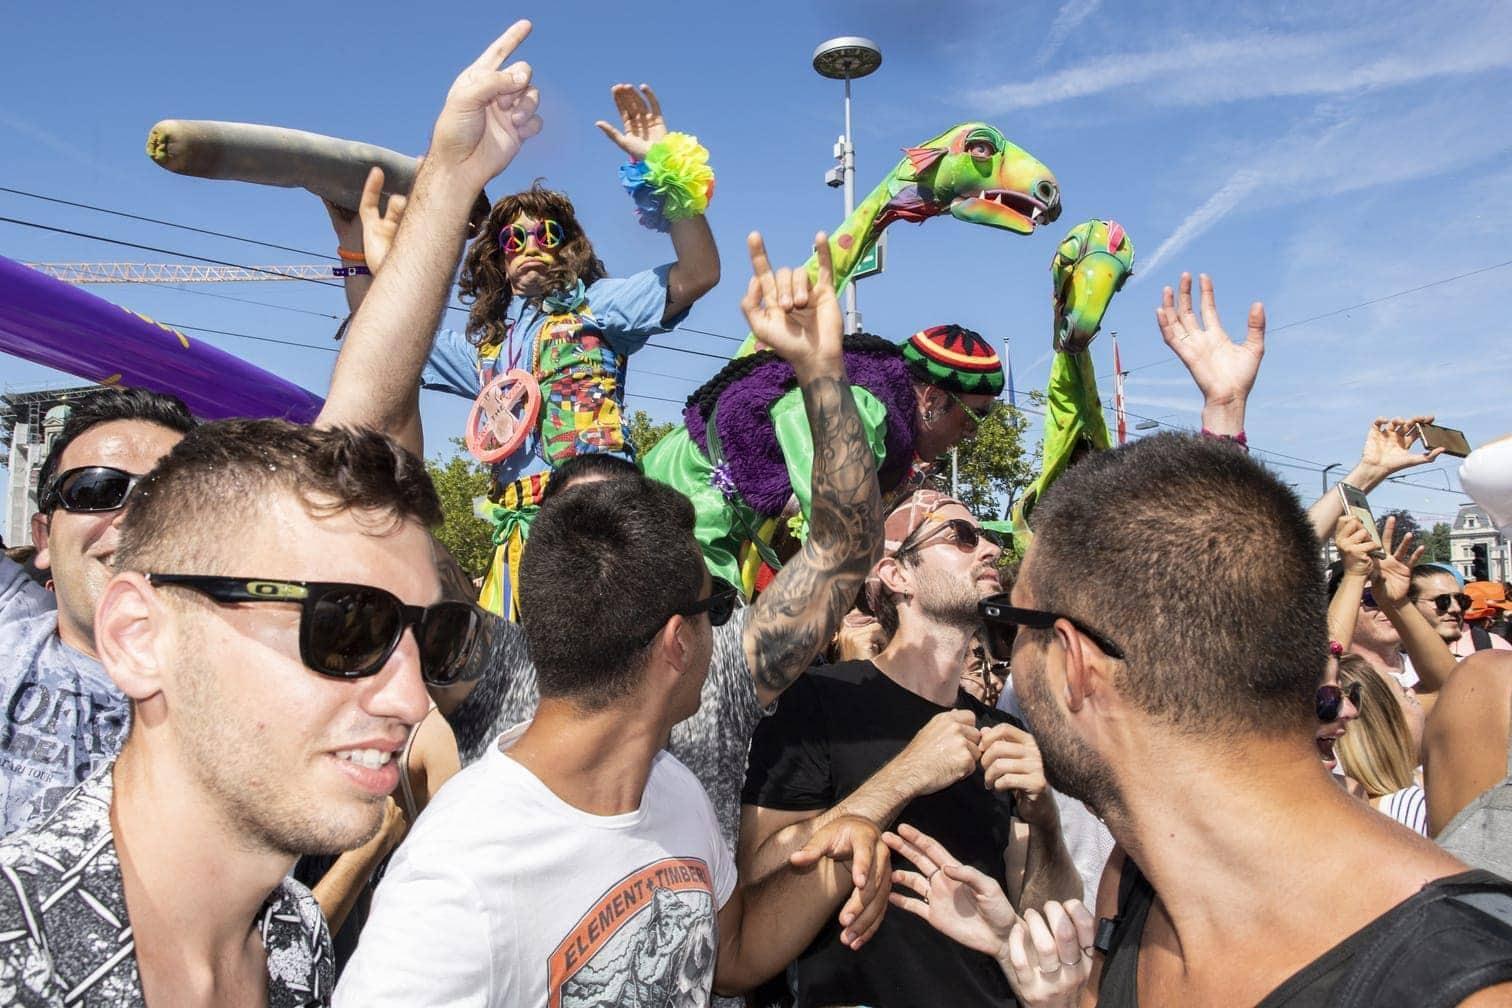 <p>Massen an knapp und schrill Kostümierten zogen durch die Innenstadt.&nbsp;</p> Foto: dpa